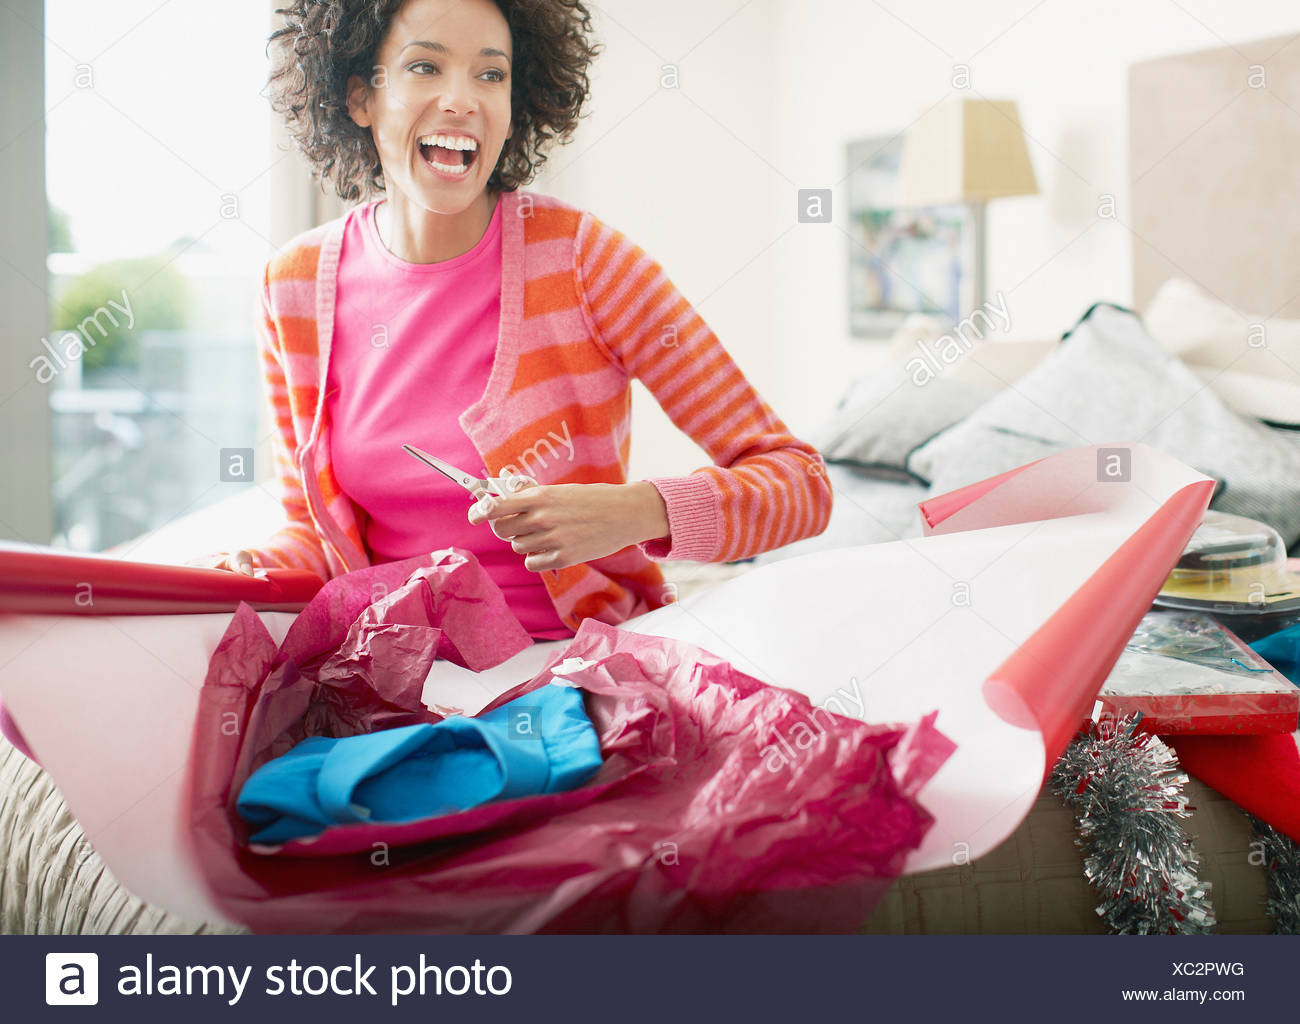 Woman wrapping Christmas gift - Stock Image